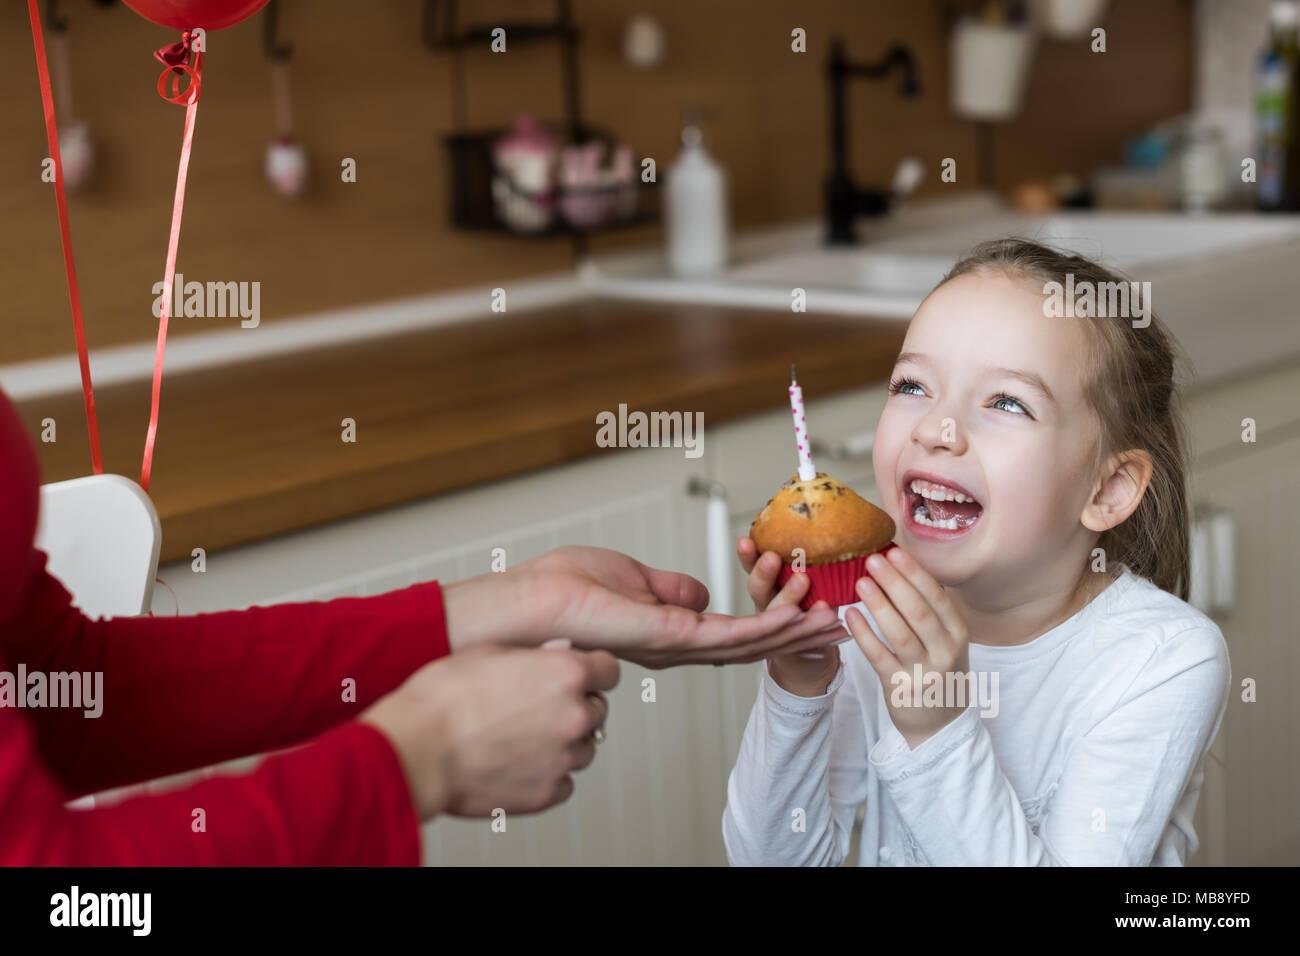 Lindo niño niña celebrando el 6º cumpleaños. Madre Hija dando cupcake de cumpleaños con una vela. Concepto de fiesta de cumpleaños para niños. Imagen De Stock